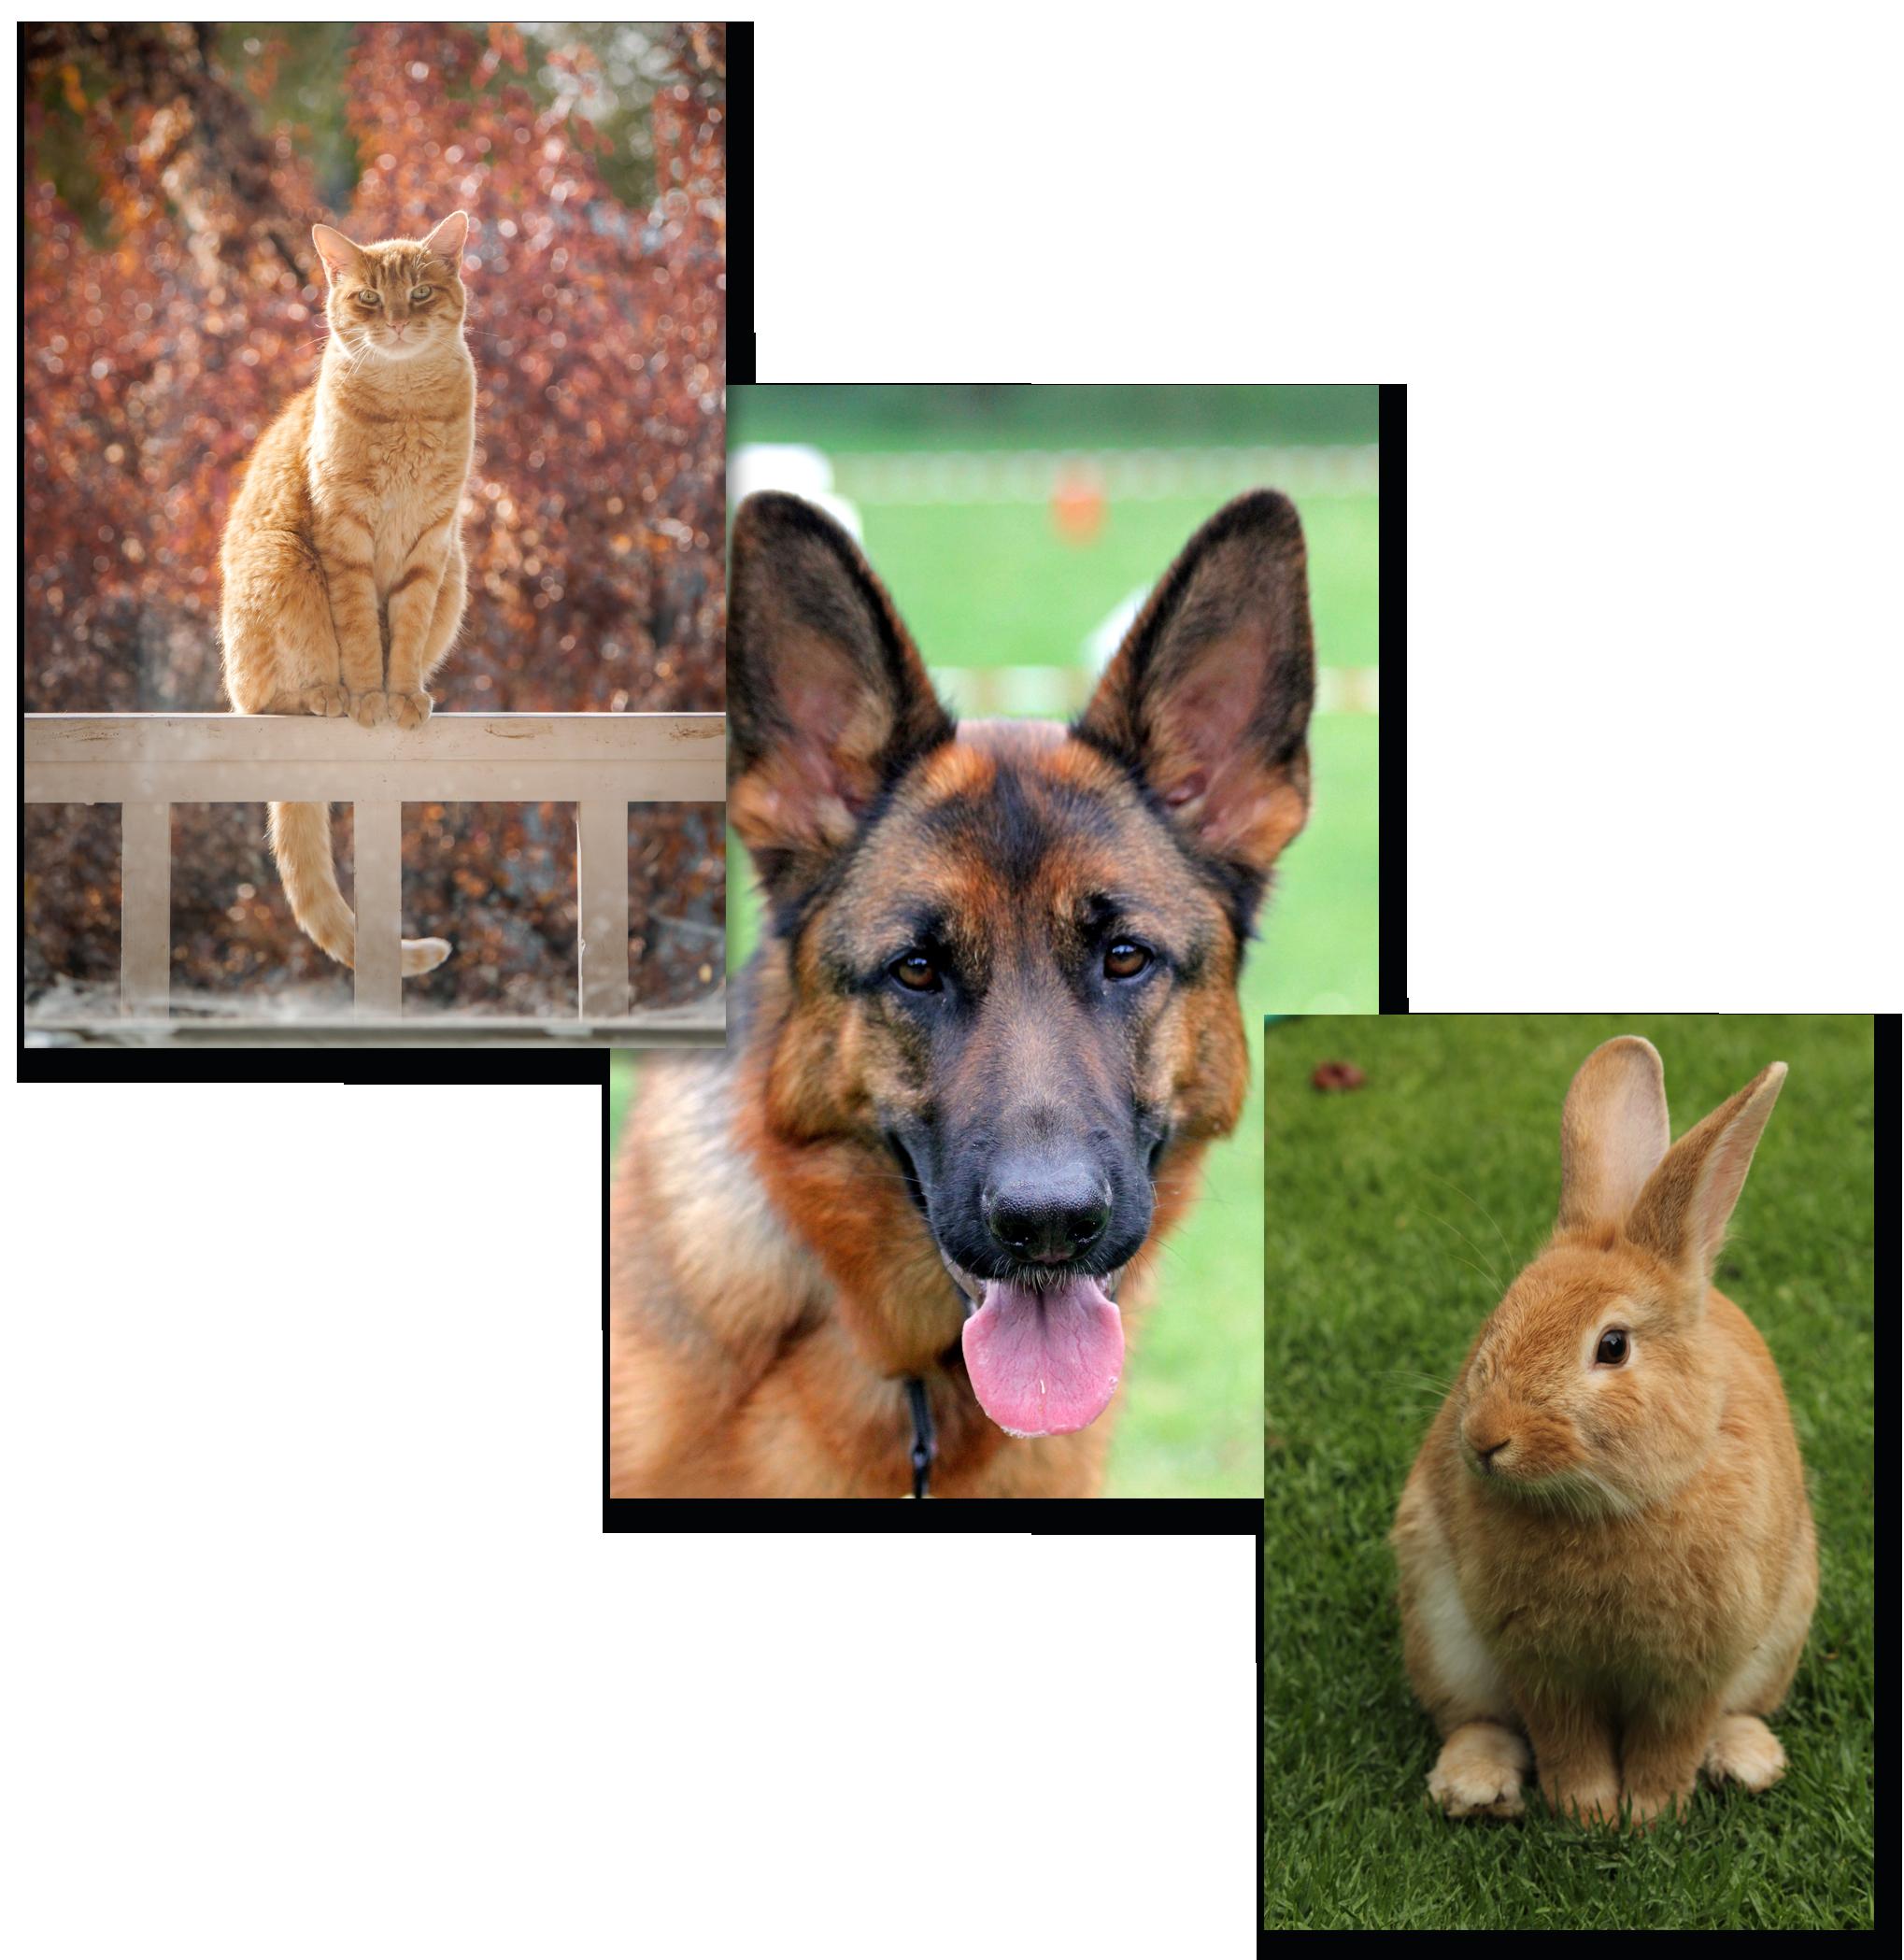 Clinique-vétérinaire-givors-grigny-chien-chat-nac-rdv-véto-opération-consultation-chasse-sur-rhone